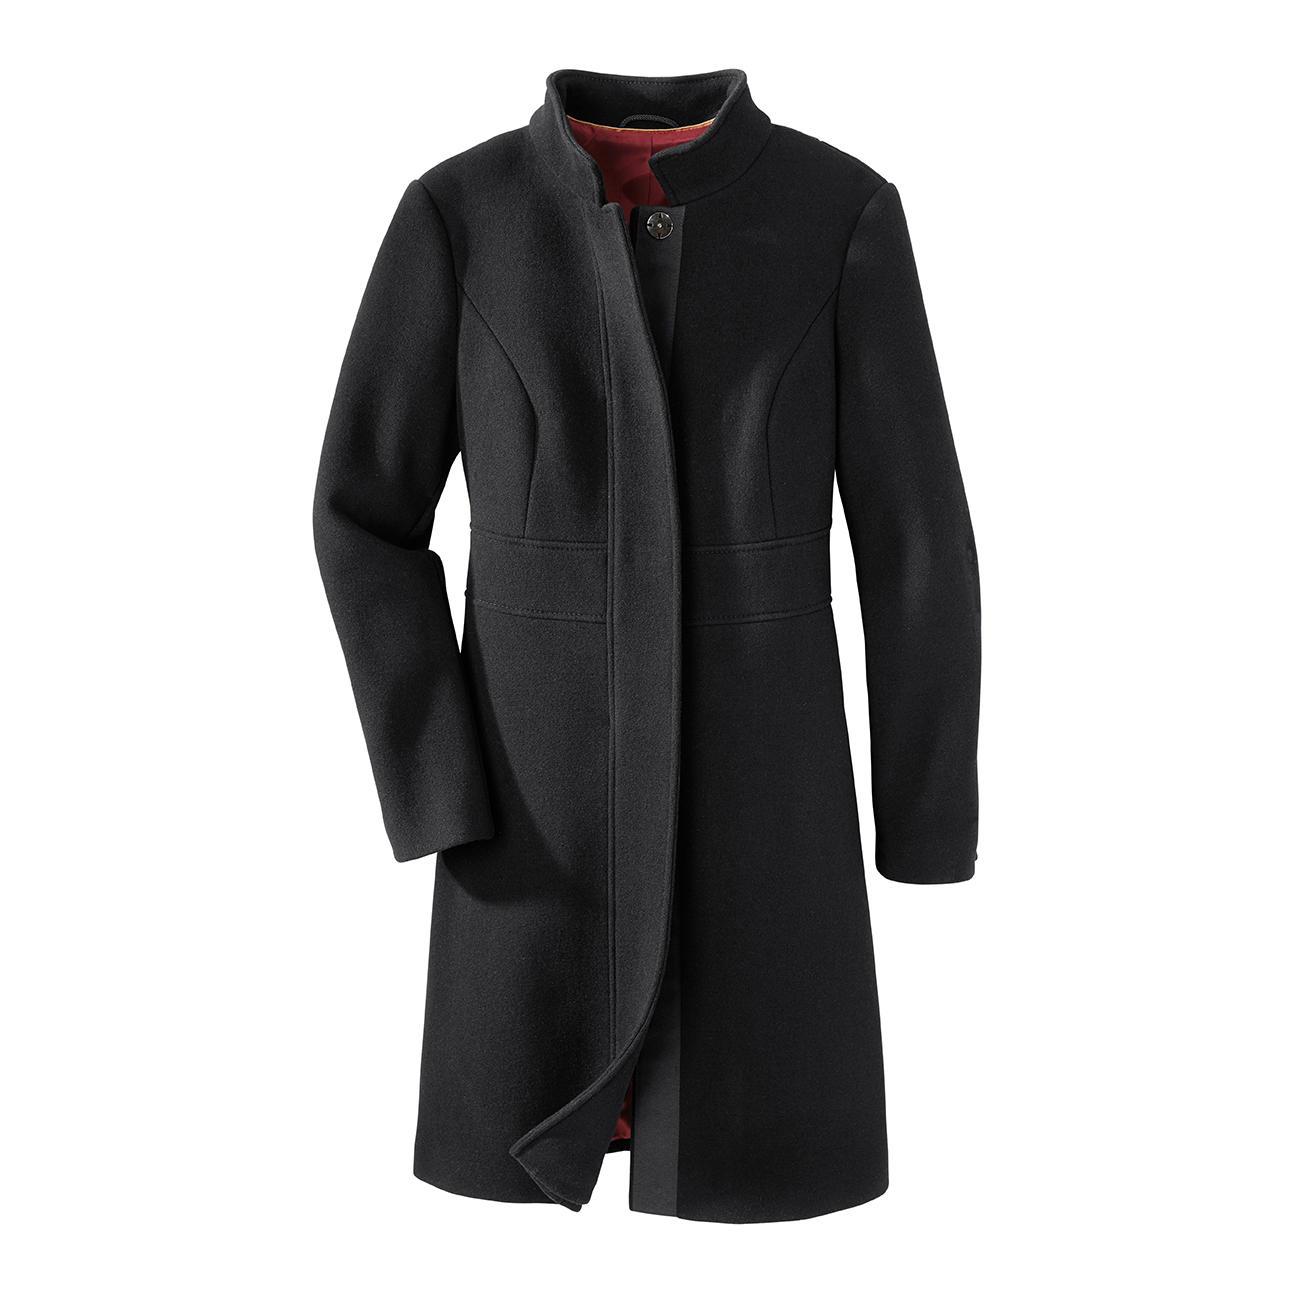 Black Basic Coat Der Perfekte Schwarze Basic Mantel Für 24 Stunden Am Tag